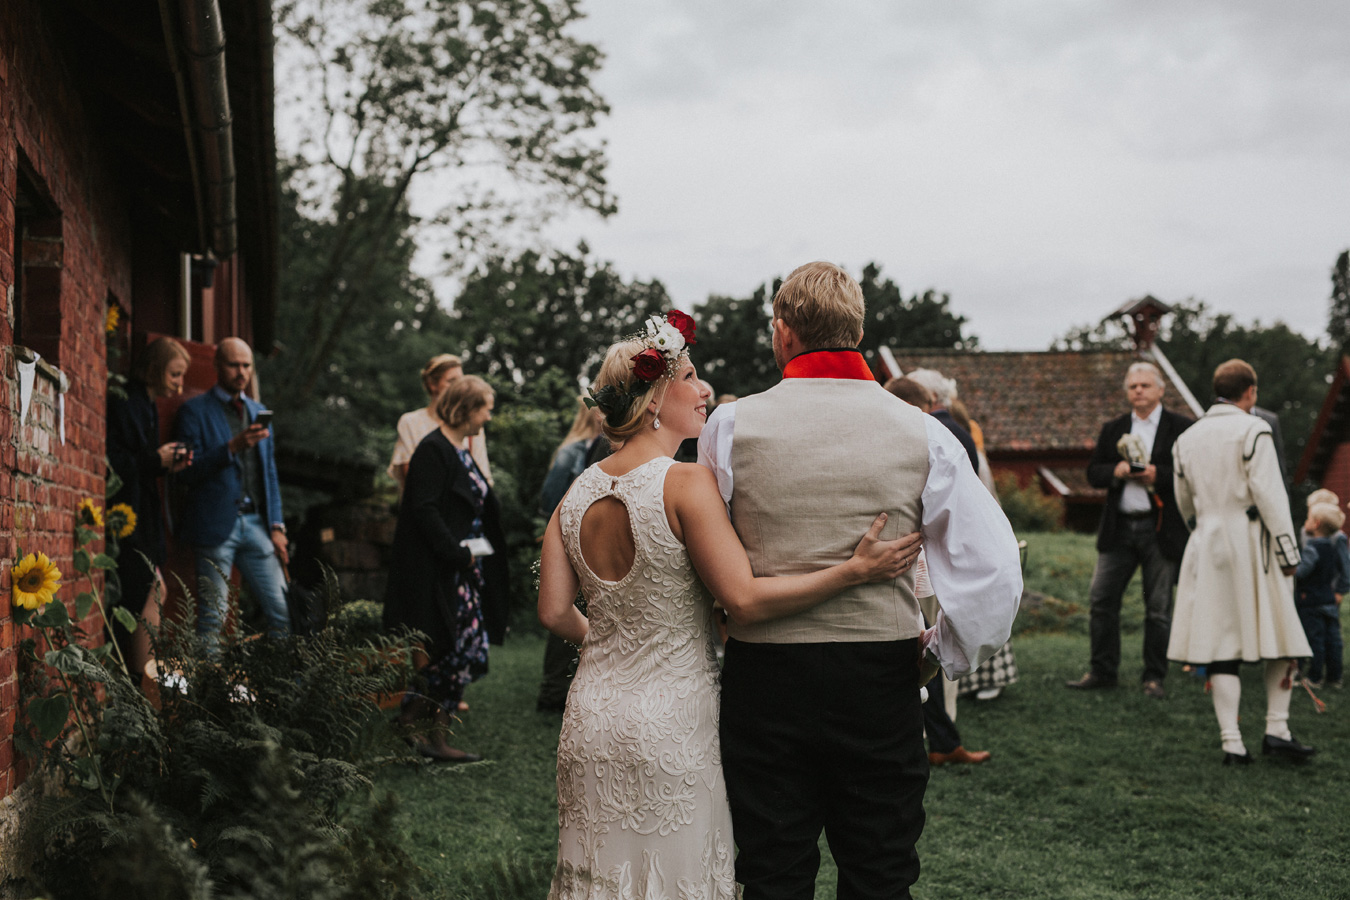 025-bryllupsfotograf-oslo-drobak-laavebryllup-tone-tvedt.jpg